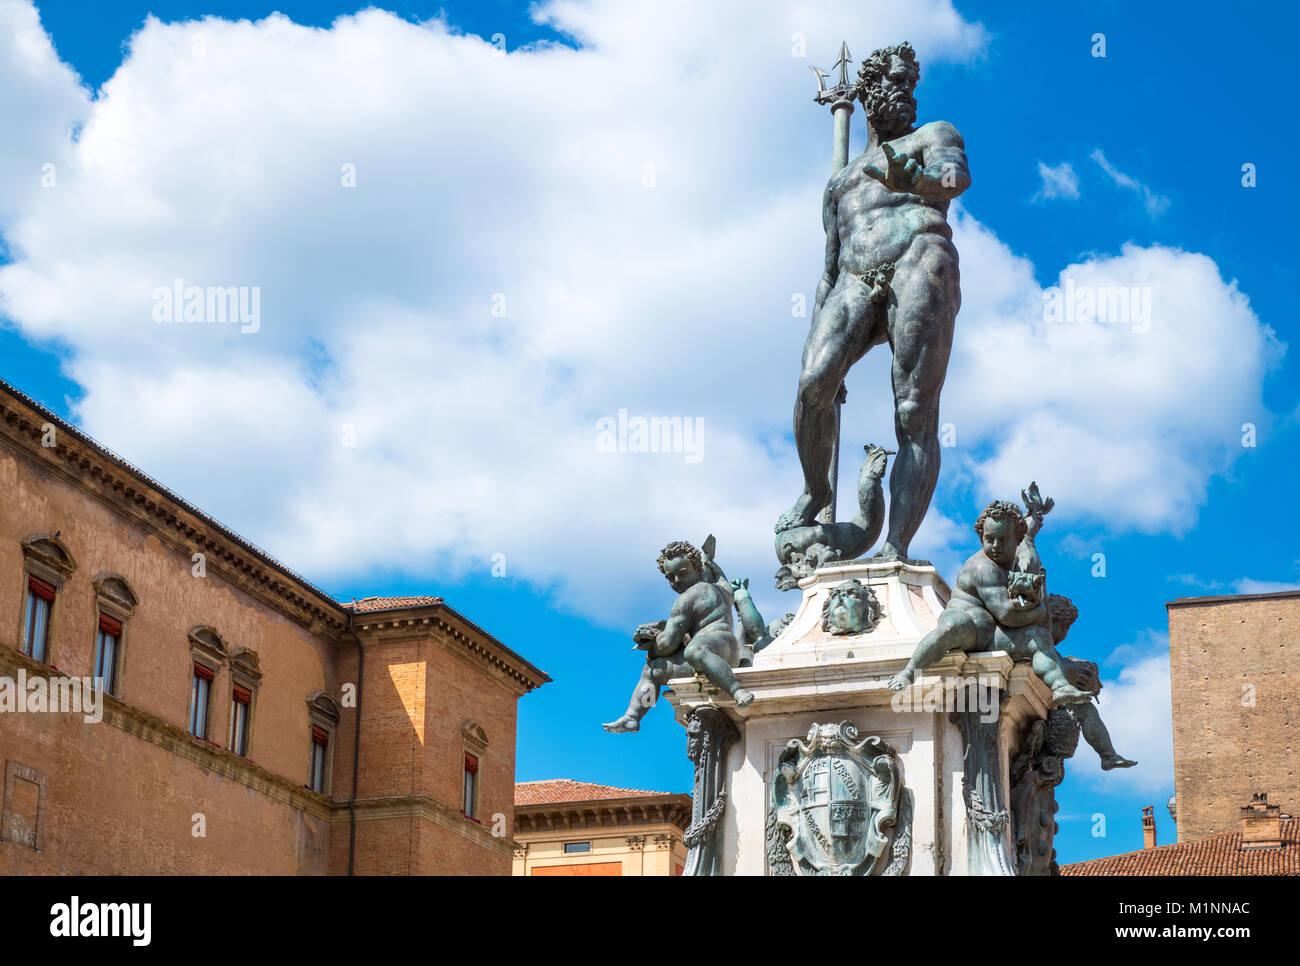 Italy, Bologna, Del Nettuno square, frontal view of the Neptune statue - Stock Image